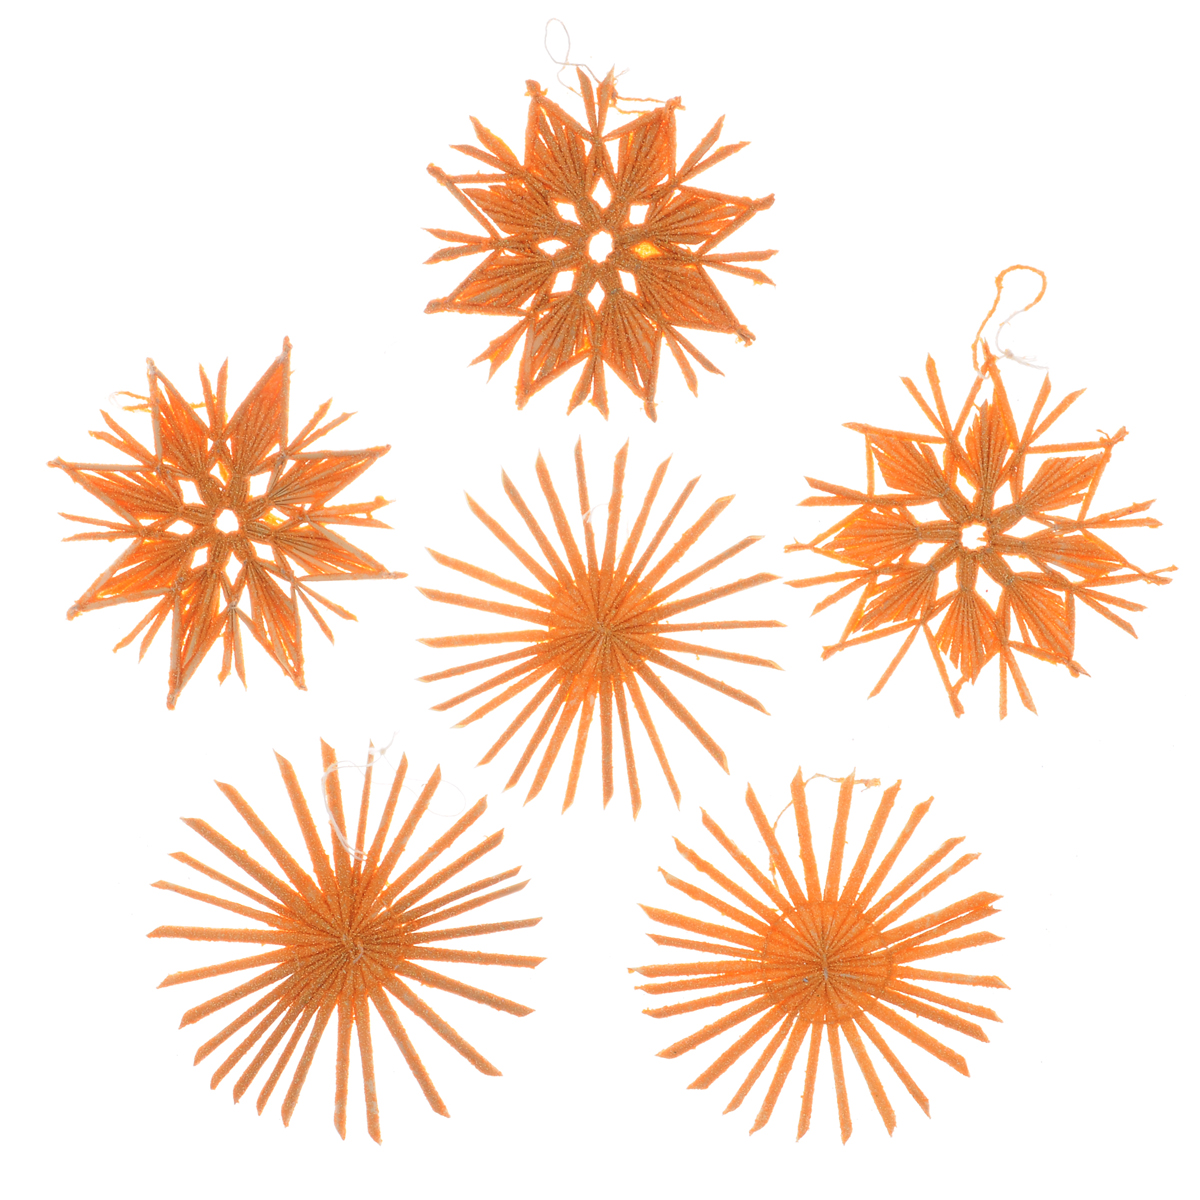 Набор новогодних подвесных украшений Феникс-презент Звезды, цвет: оранжевый, 6 шт38620Стильный набор Феникс-презент Звезды, состоящий из 6 новогодних подвесных украшений, отлично подойдет для декорации вашего дома и новогодней ели. Изделия выполнены из соломы в виде звездочек, оформленных блестками. Украшения имеют специальные петельки для подвешивания. Вы можете преподнести этот милый подарок с наилучшими пожеланиями счастья в предстоящем году.Новогодние украшения всегда несут в себе волшебство и красоту праздника. Создайте в своем доме атмосферу тепла, веселья и радости, украшая его всей семьей.